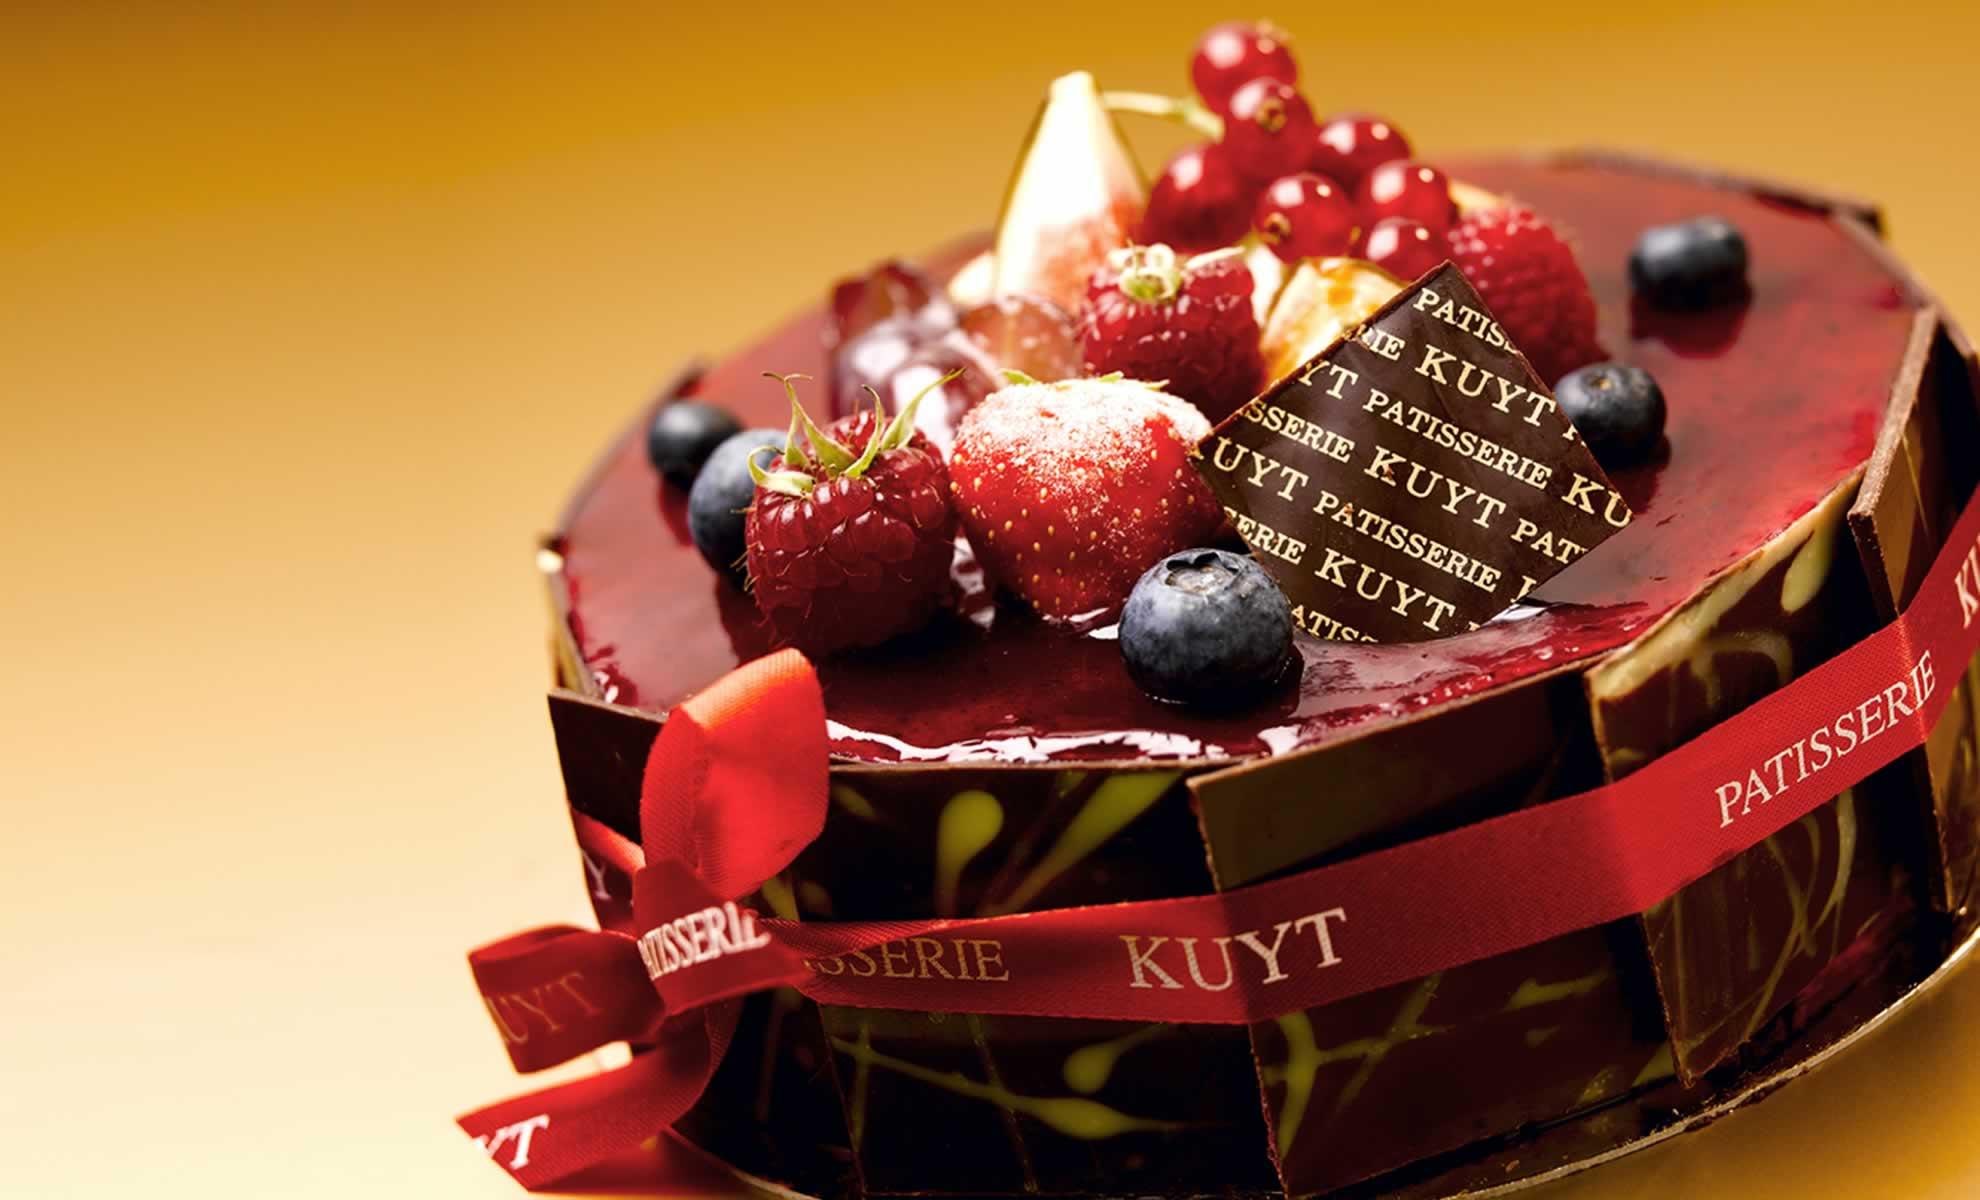 Patisserie Kuyt Gâteaux